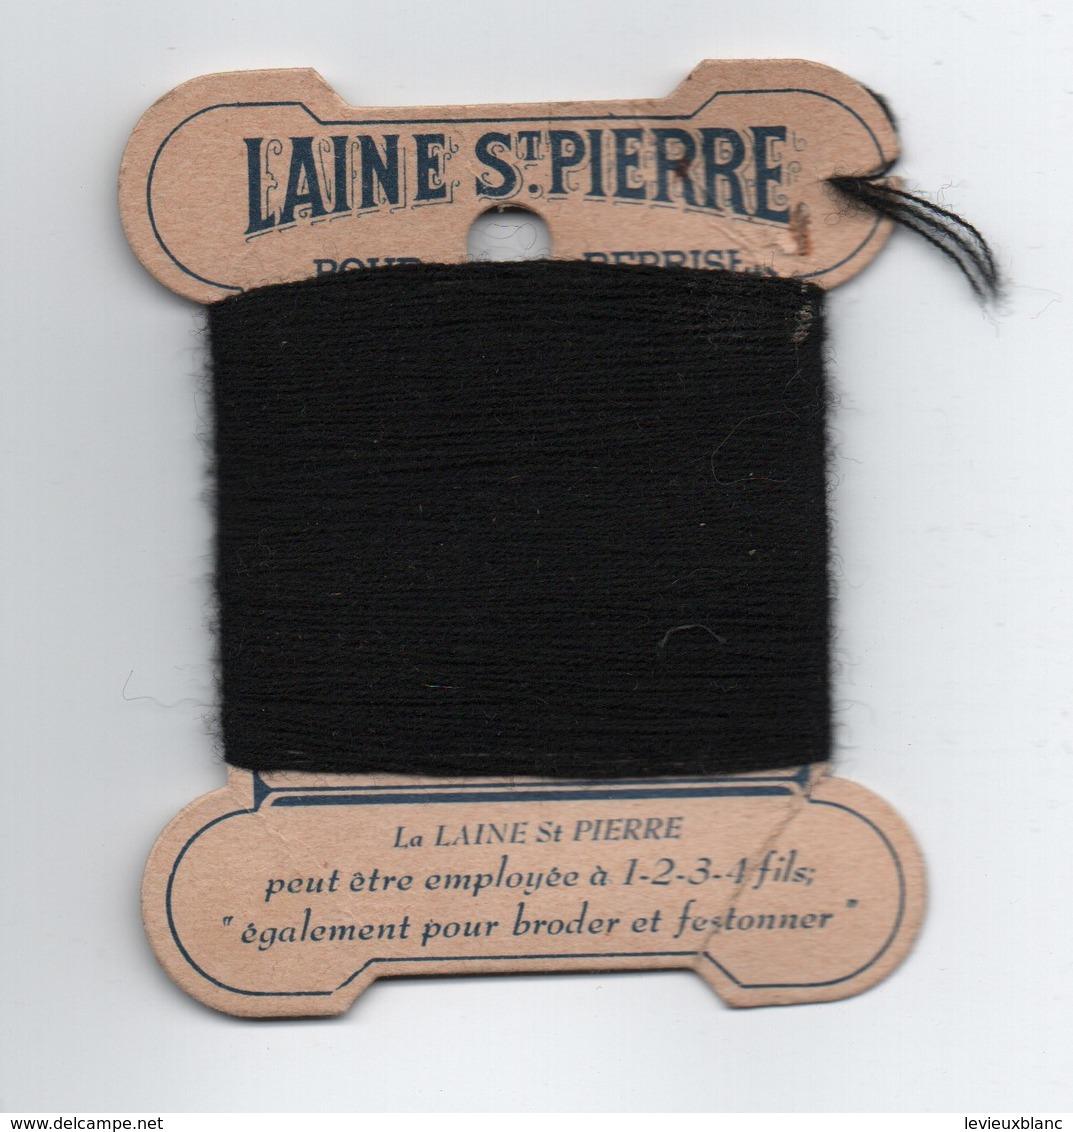 Bobine Ancienne Carton/Laine Saint Pierre/Pure Laine Pour Repriser/Lyon-Lille/Vers 1930-1950 MER70 - Vintage Clothes & Linen